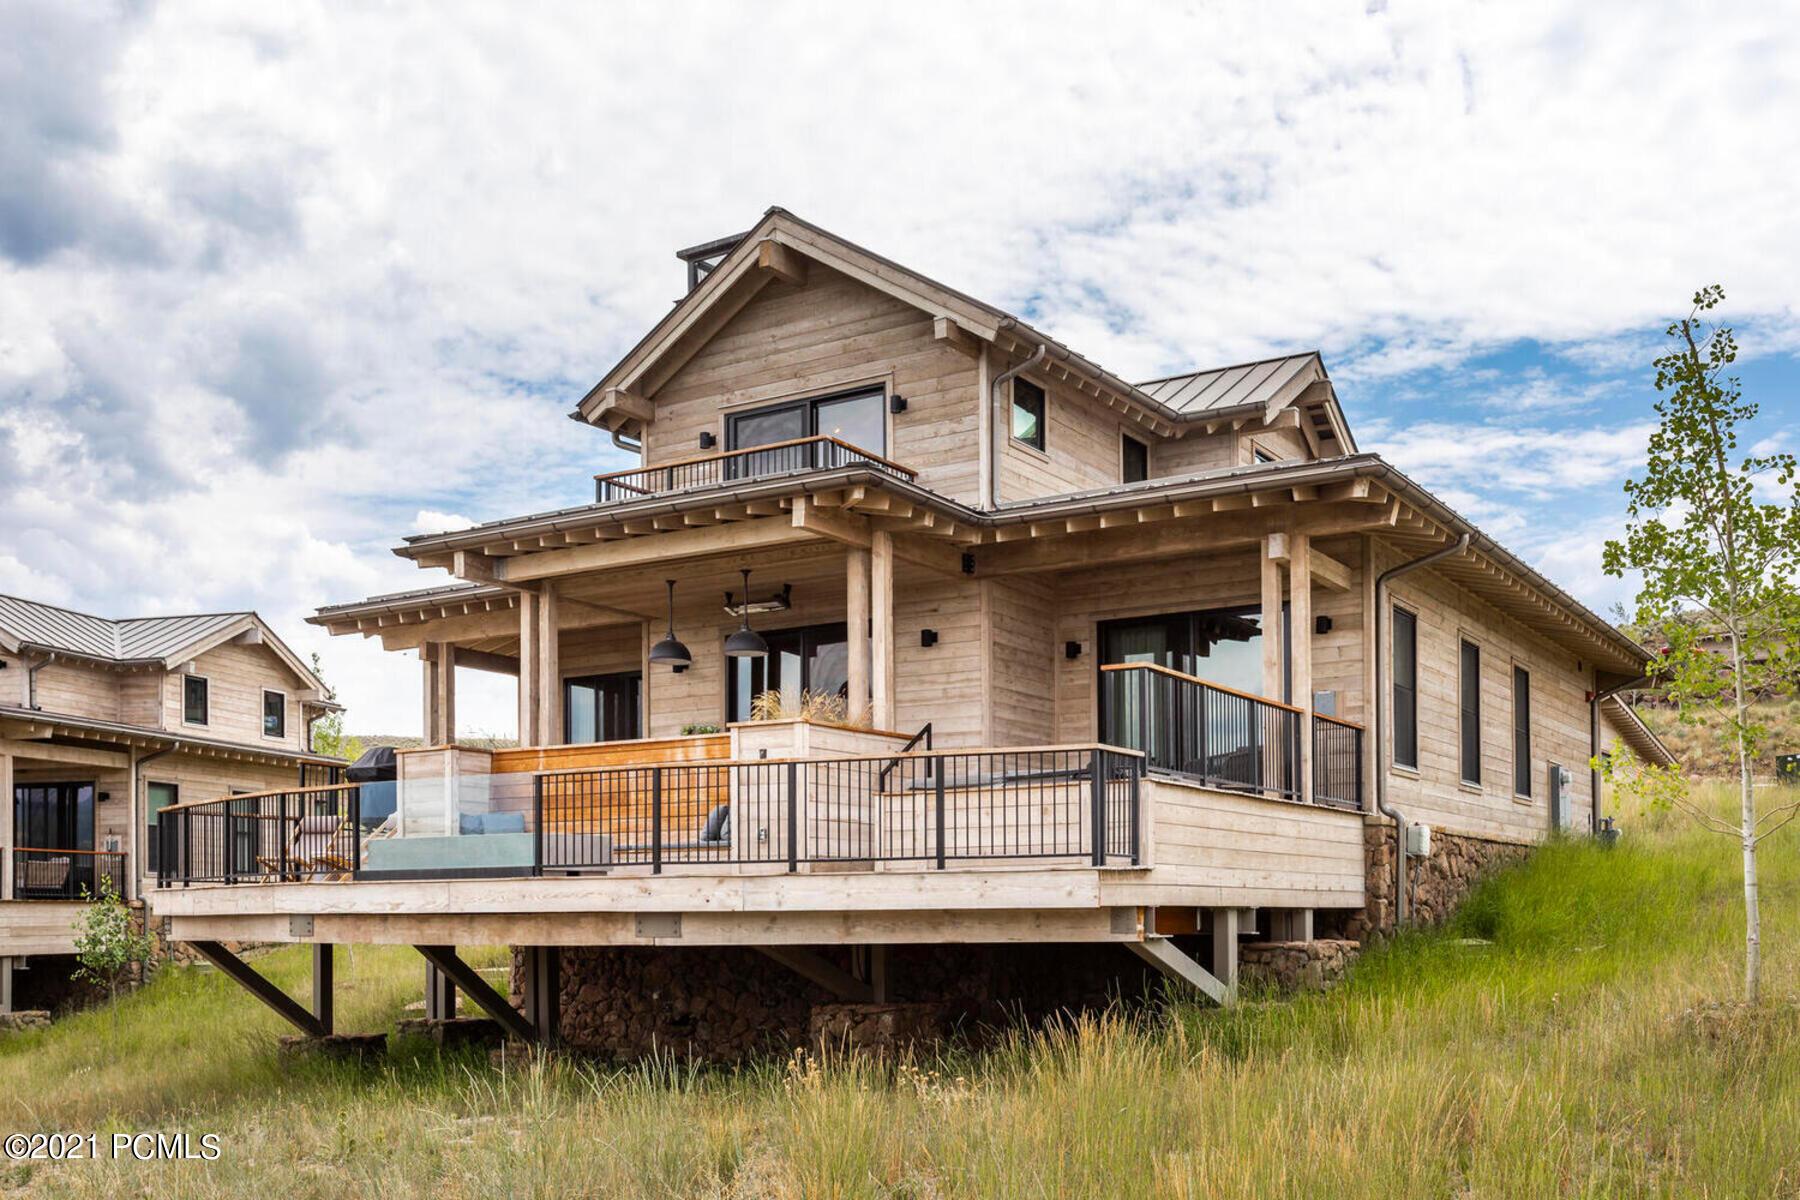 7465 Stardust Ct #313e, 2.21, Heber City, Utah 84032, 3 Bedrooms Bedrooms, ,3 BathroomsBathrooms,Fractional Interest,For Sale,Stardust Ct #313e, 2.21,12103682